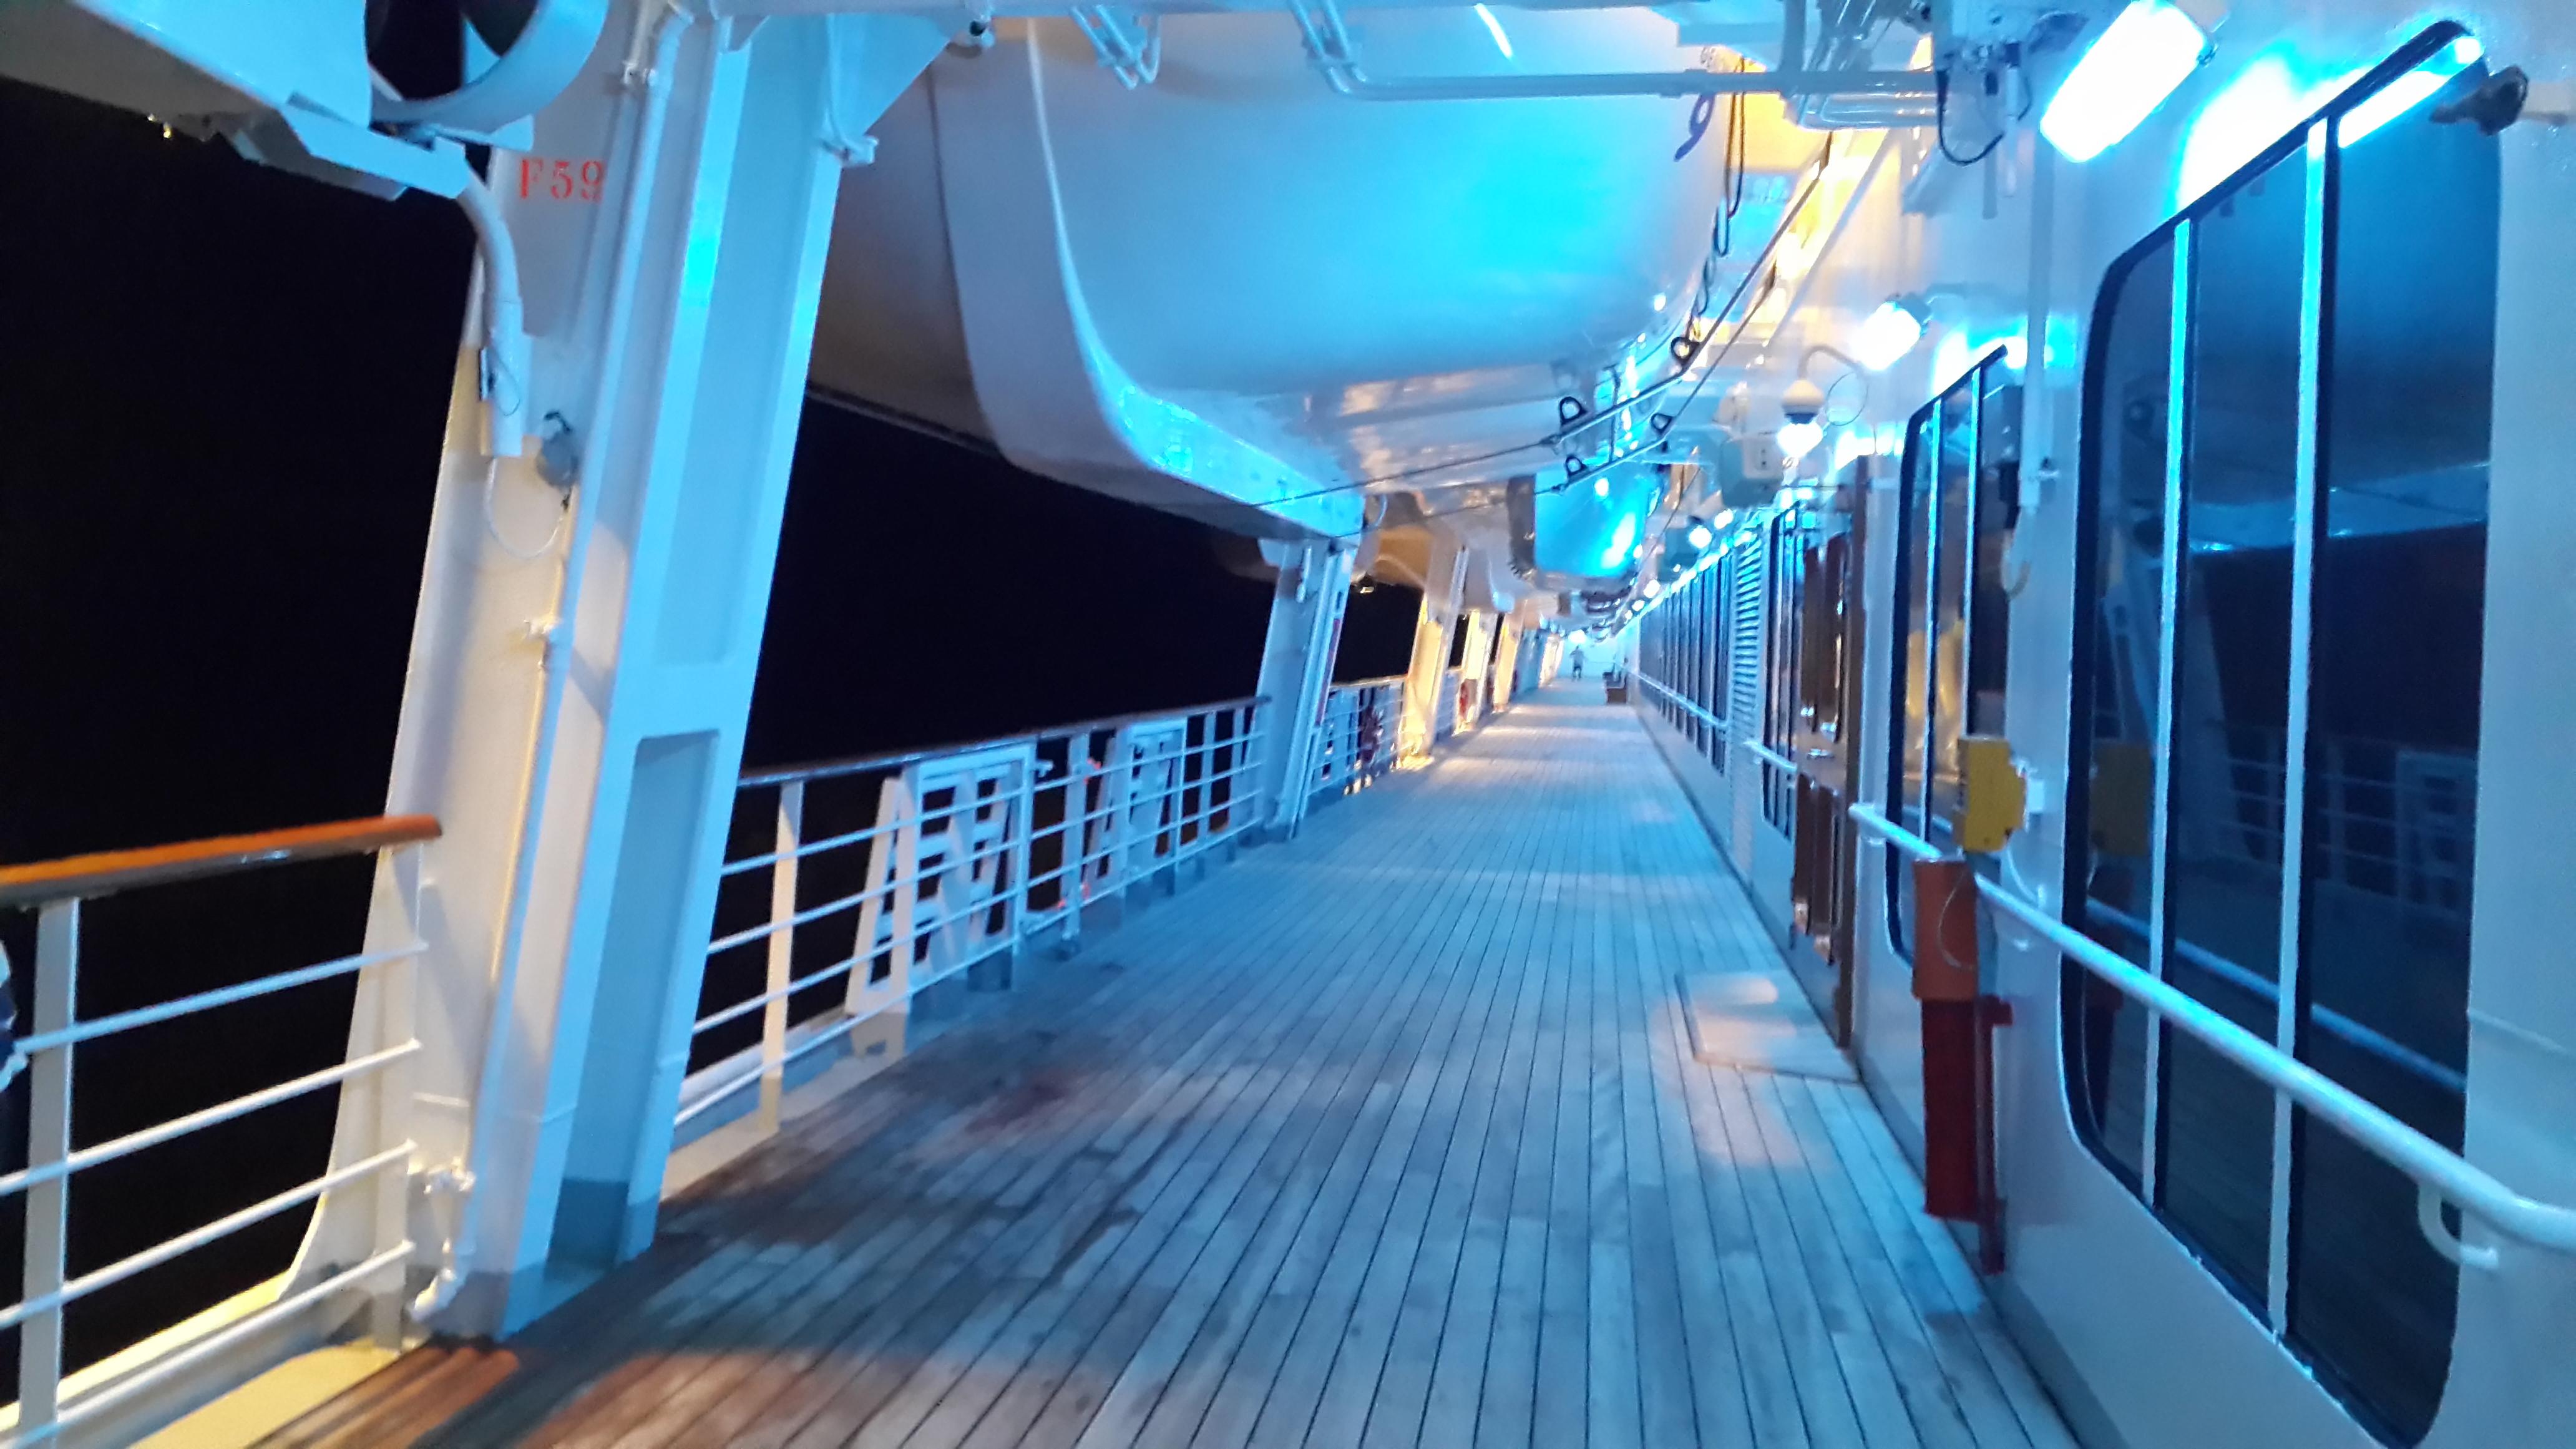 Programa de actividades para hacer en el Crucero.